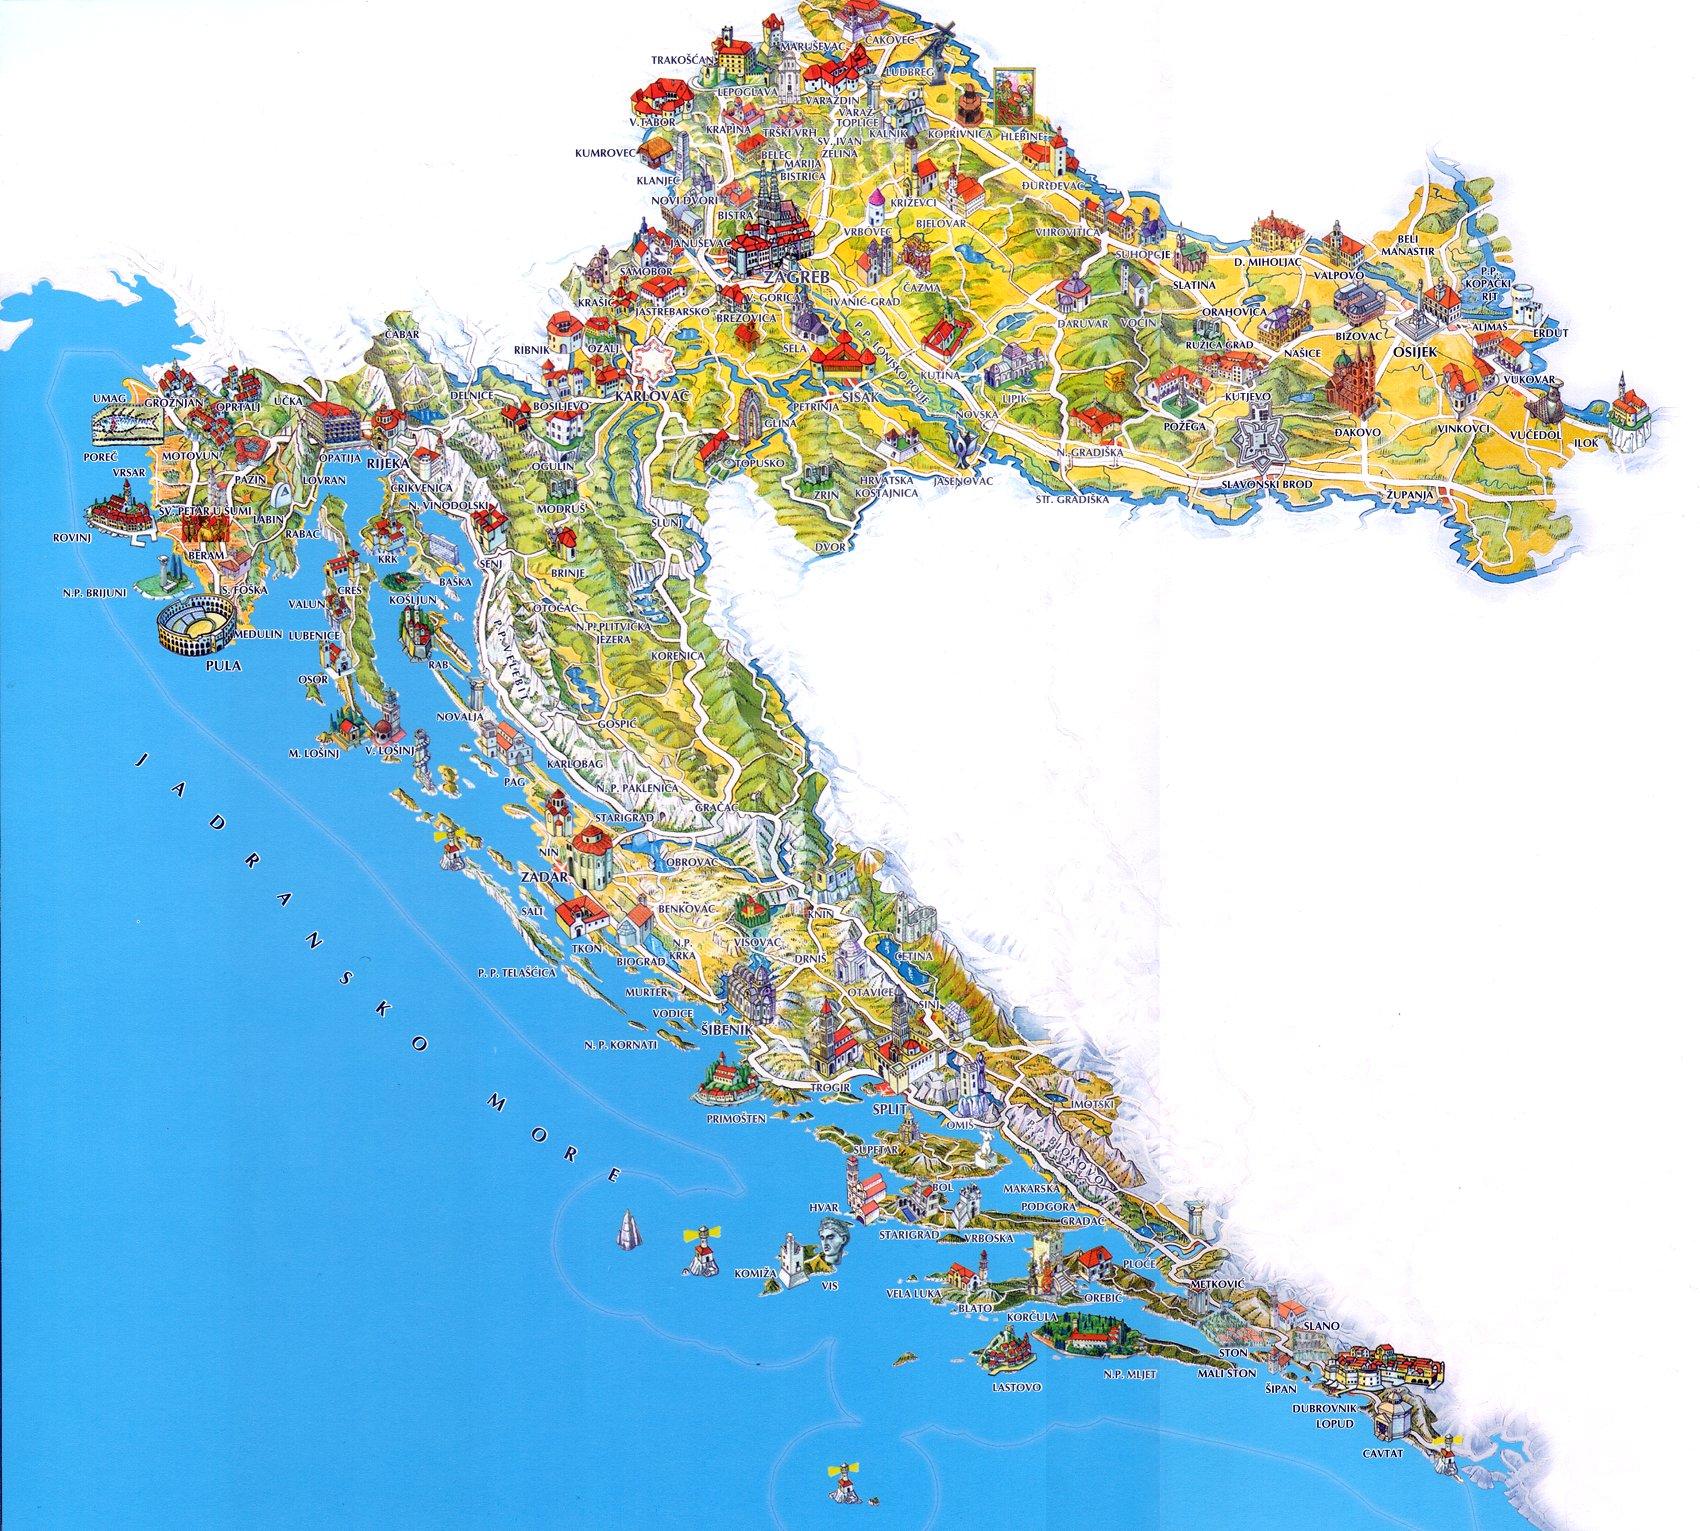 Carte Sejour Croatie.Carte De La Croatie Guide Tourisme Croatie